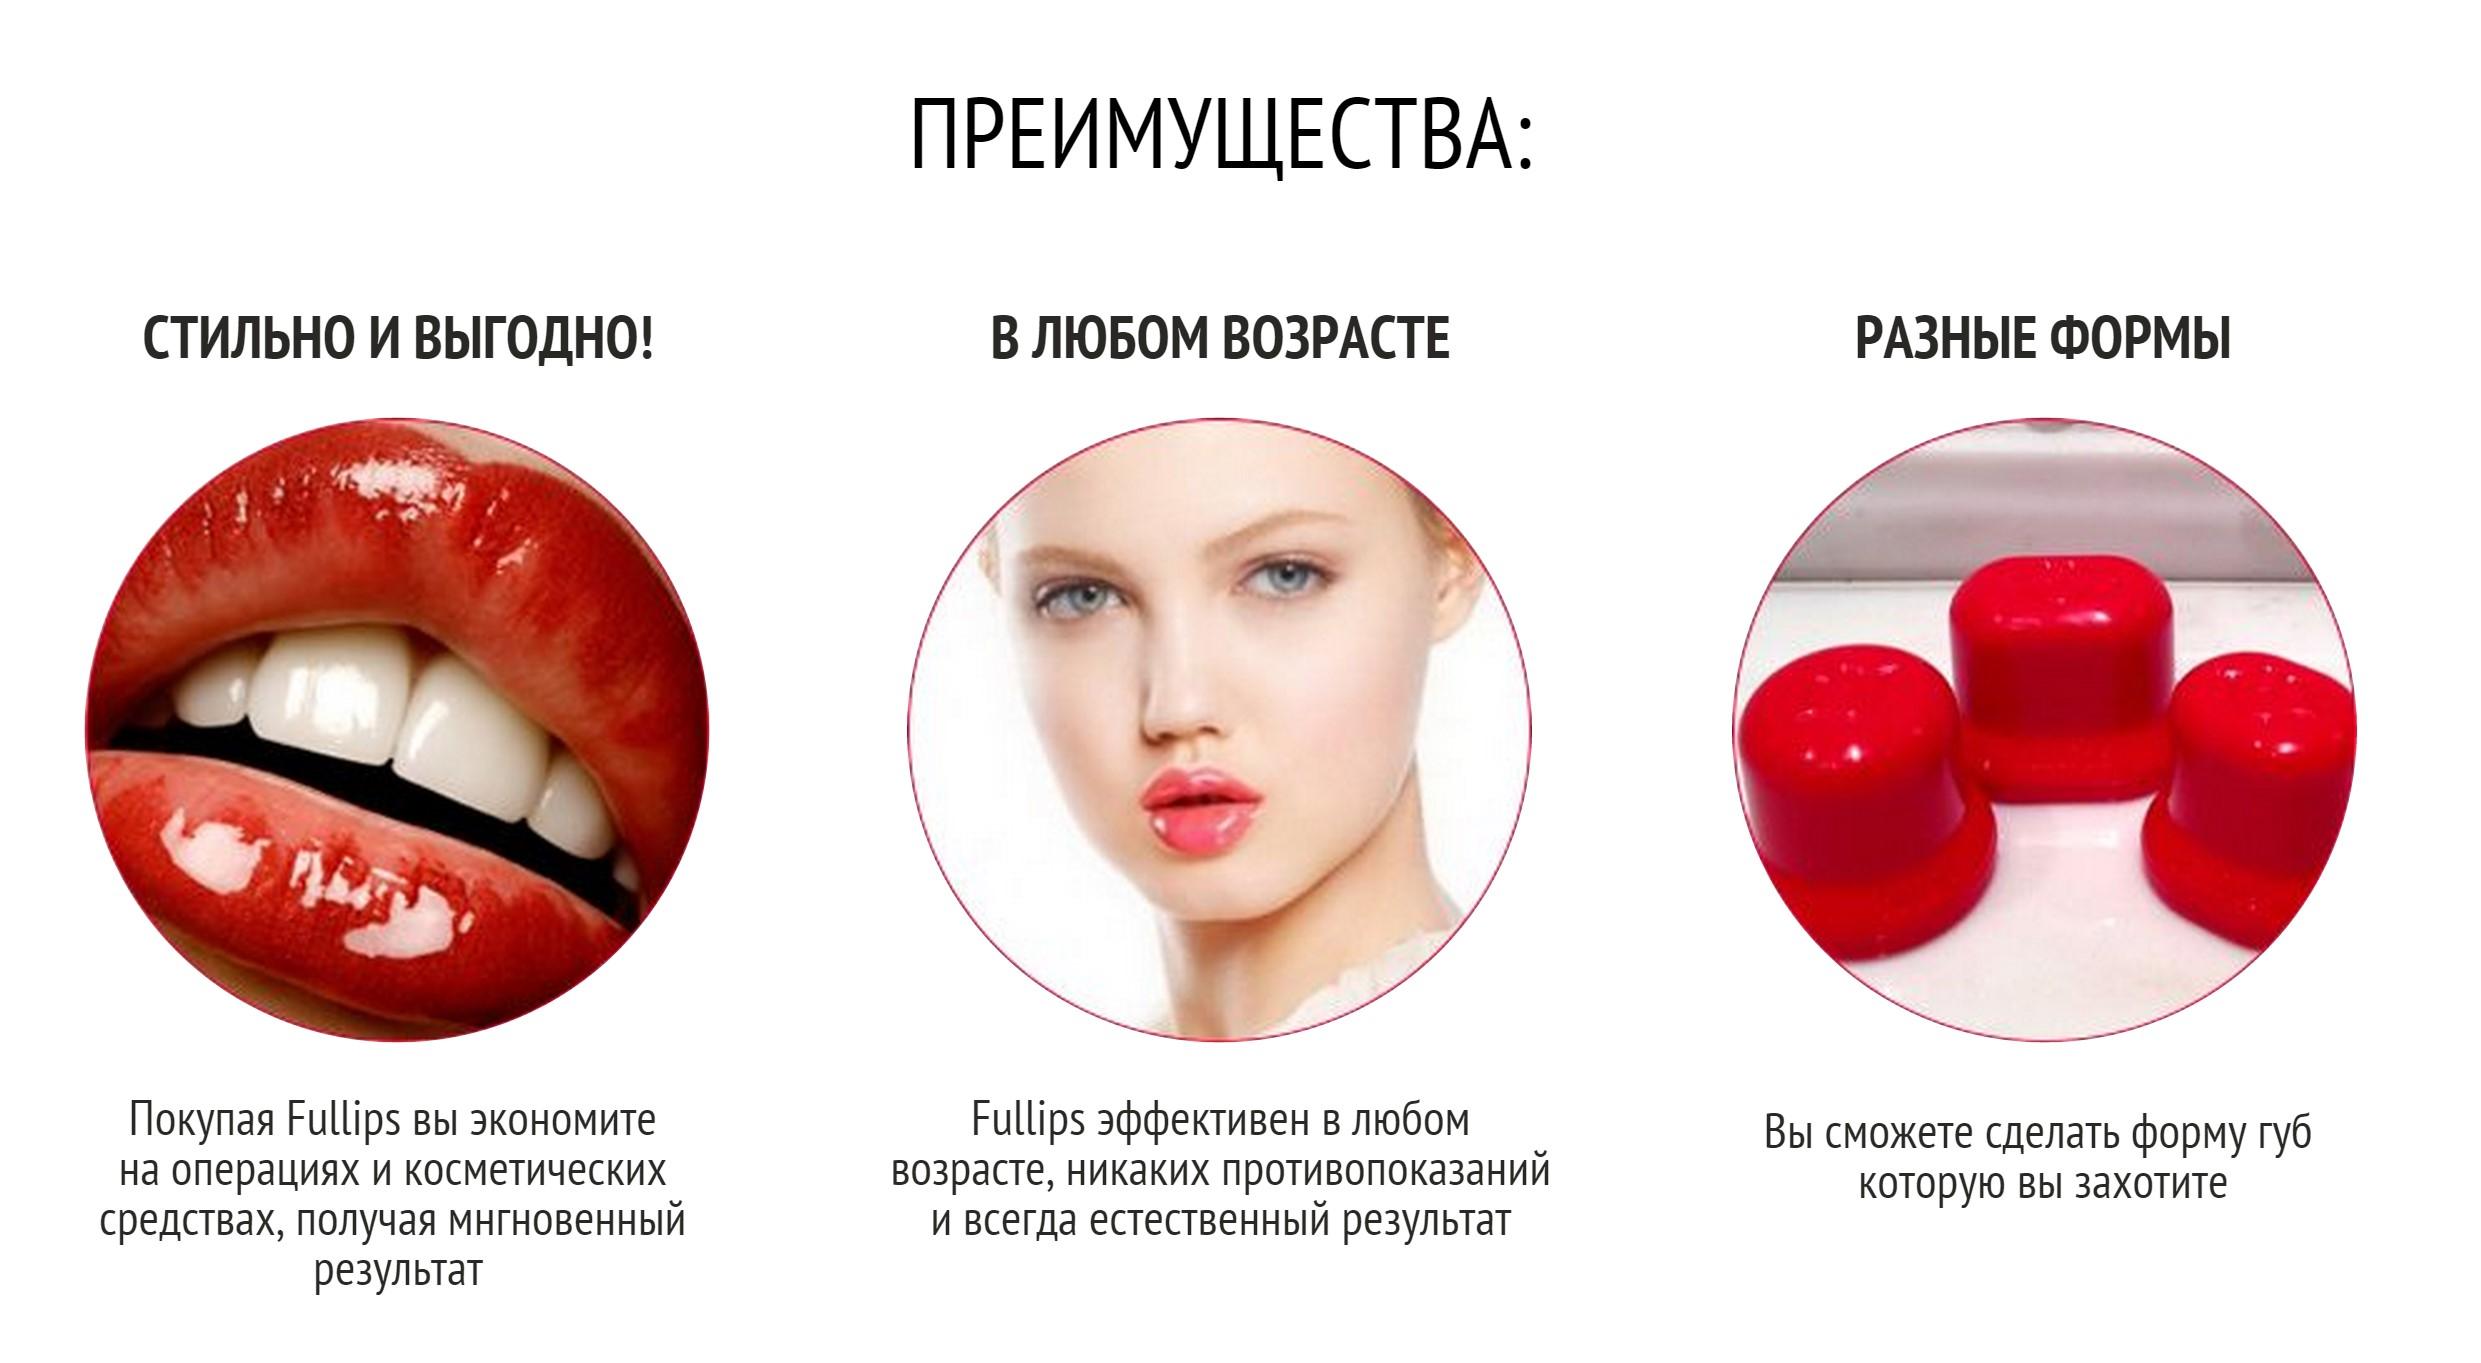 Как быстро увеличить губы в 78